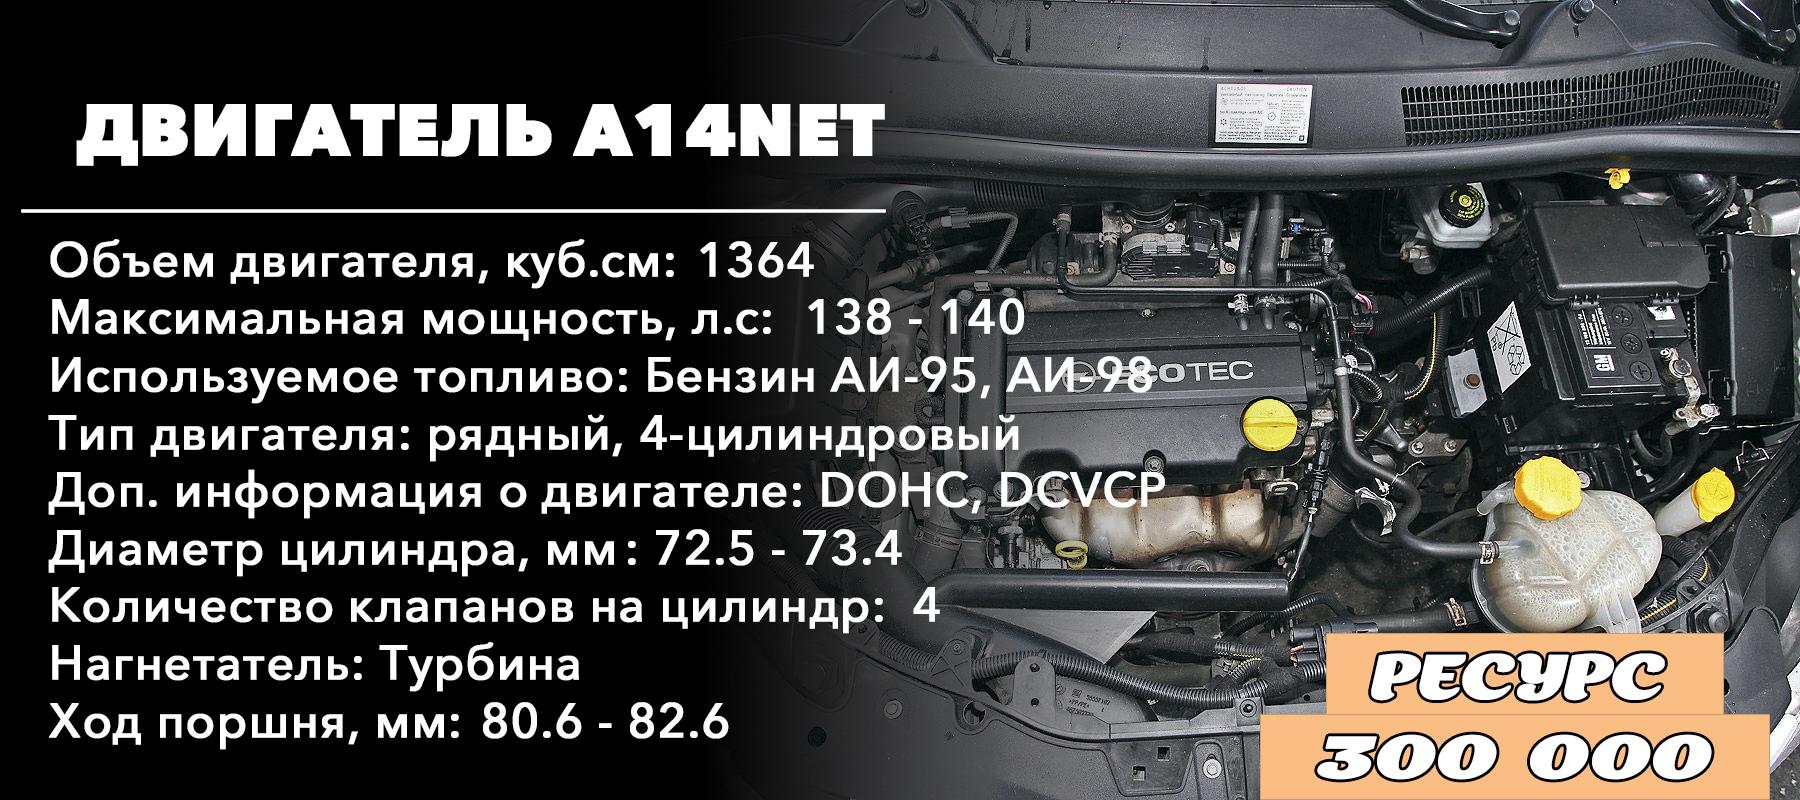 Ресурс двигателя Опель Зафира 1.4 -A14NET